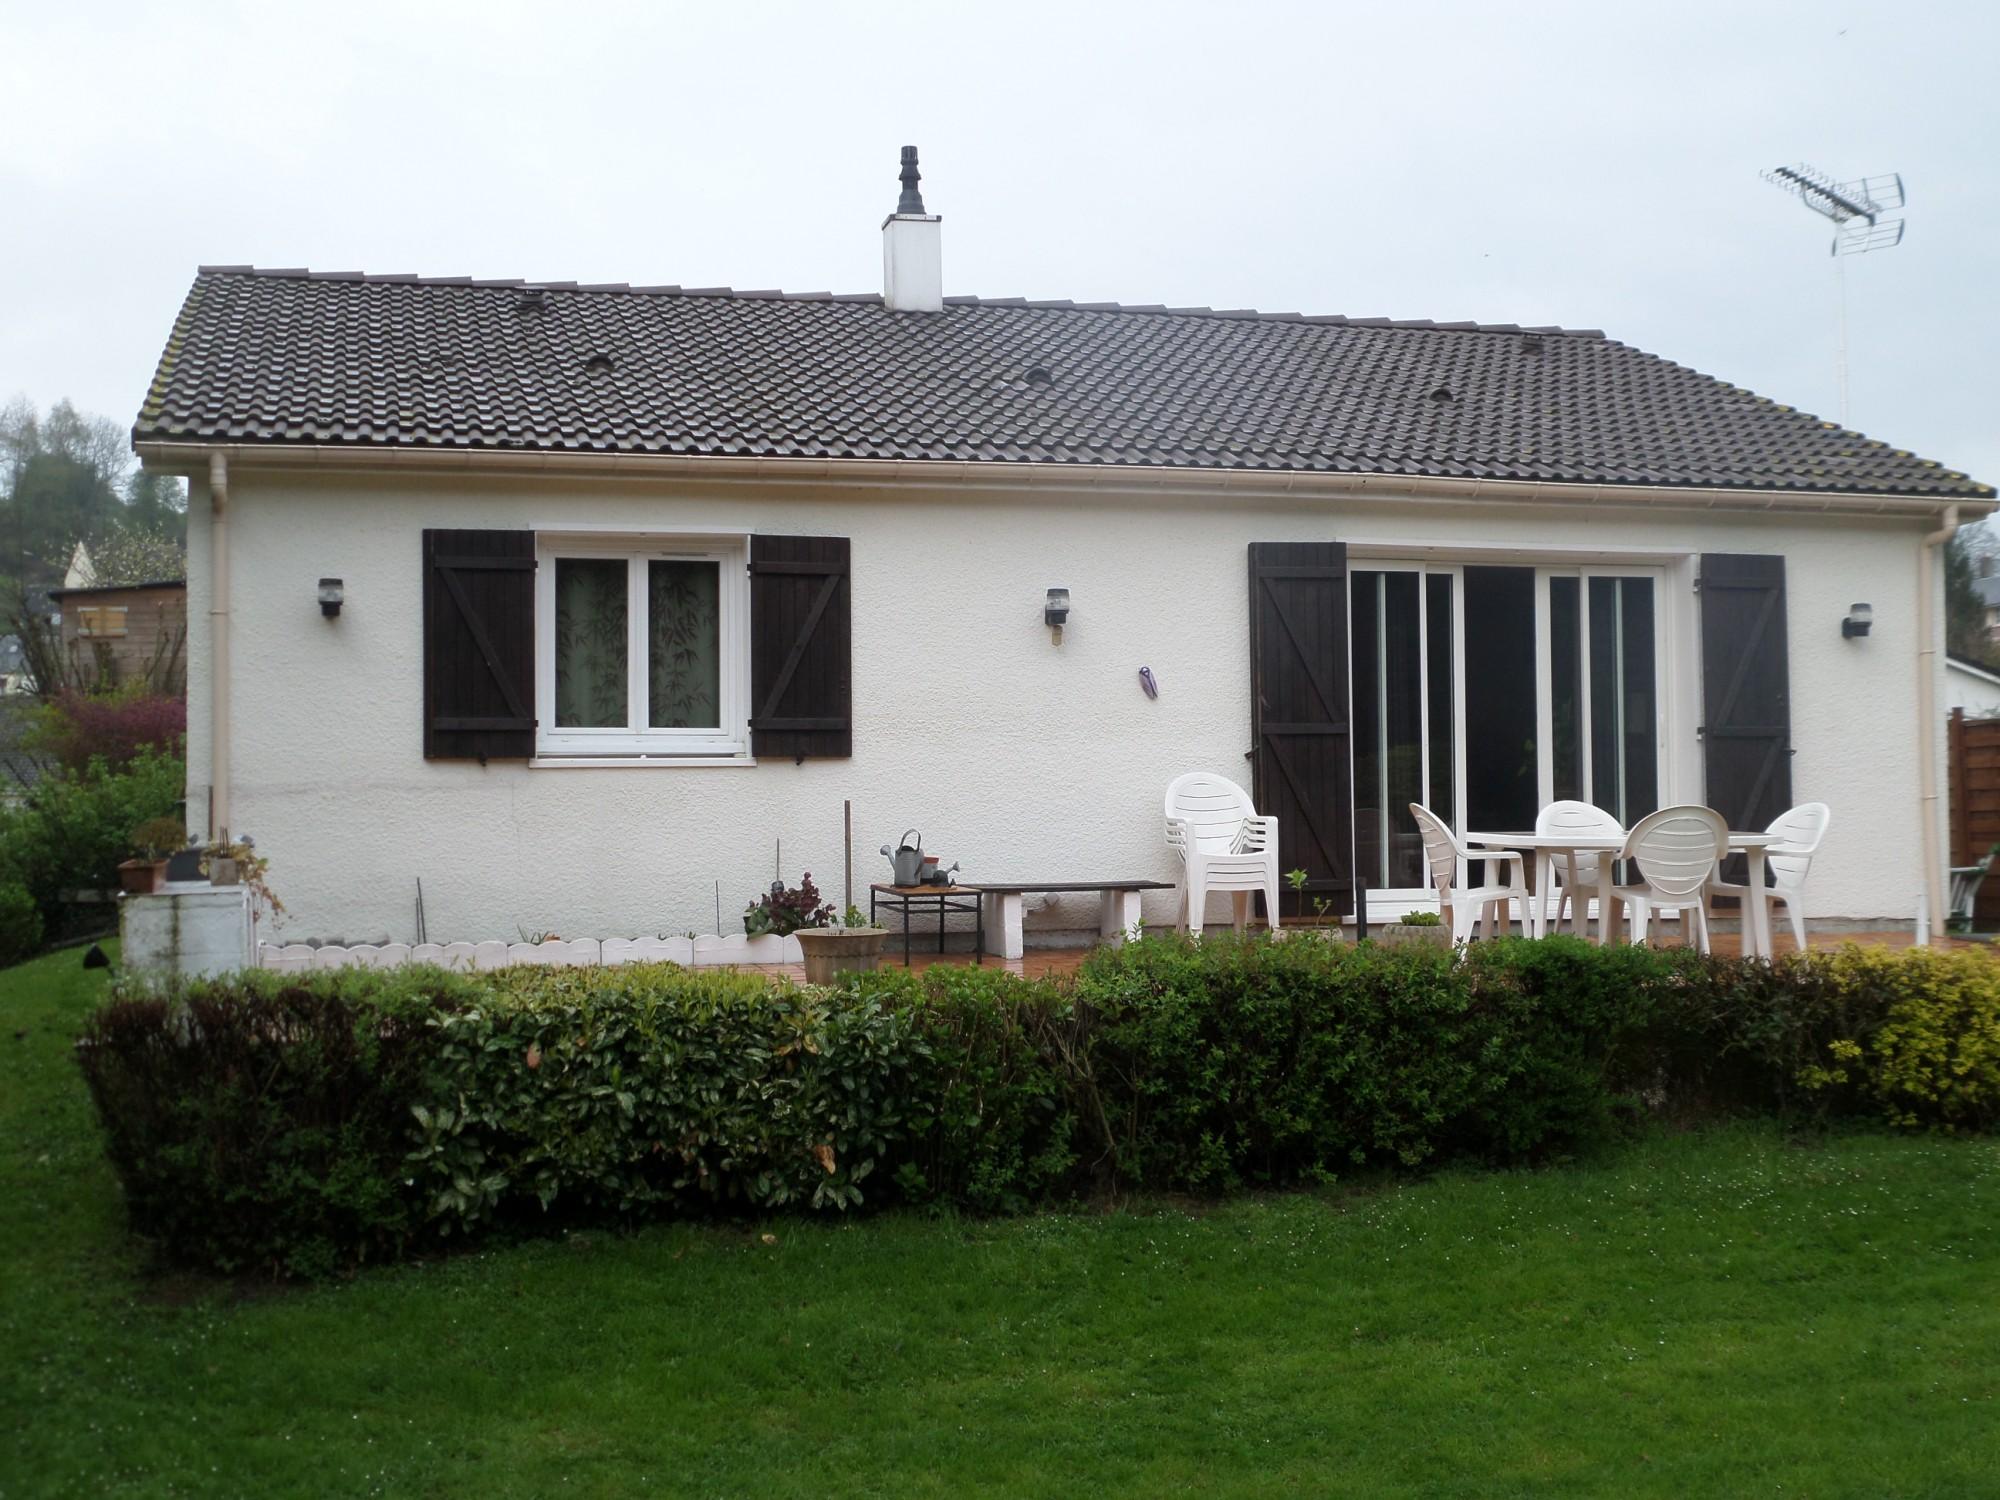 Ventes maison de plain pied t4 f4 centre epouville achat for Site vente de maison